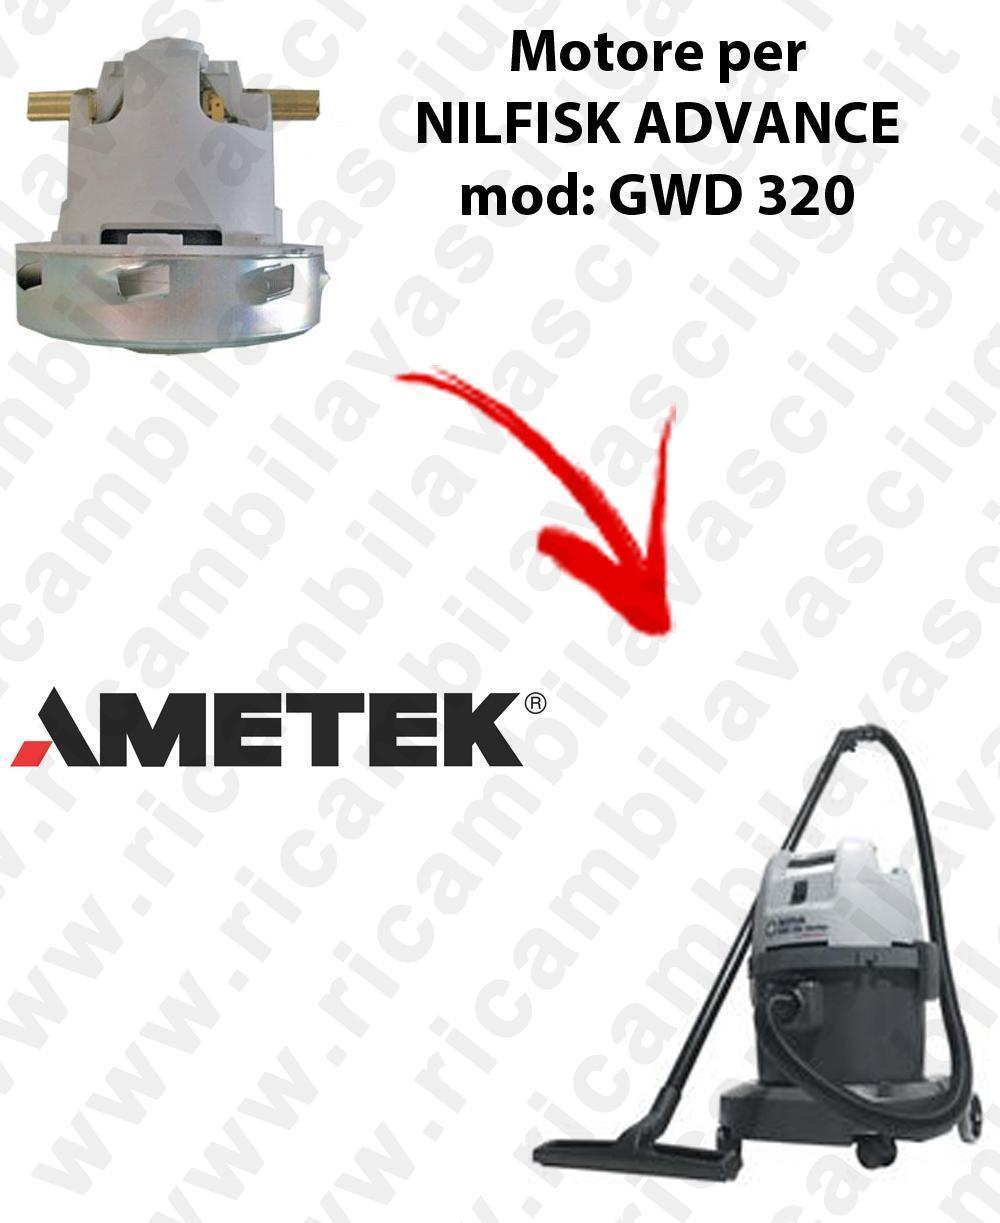 GWD 320 Saugmotor Ametek für Staubsauger NILFISK ADVANCE